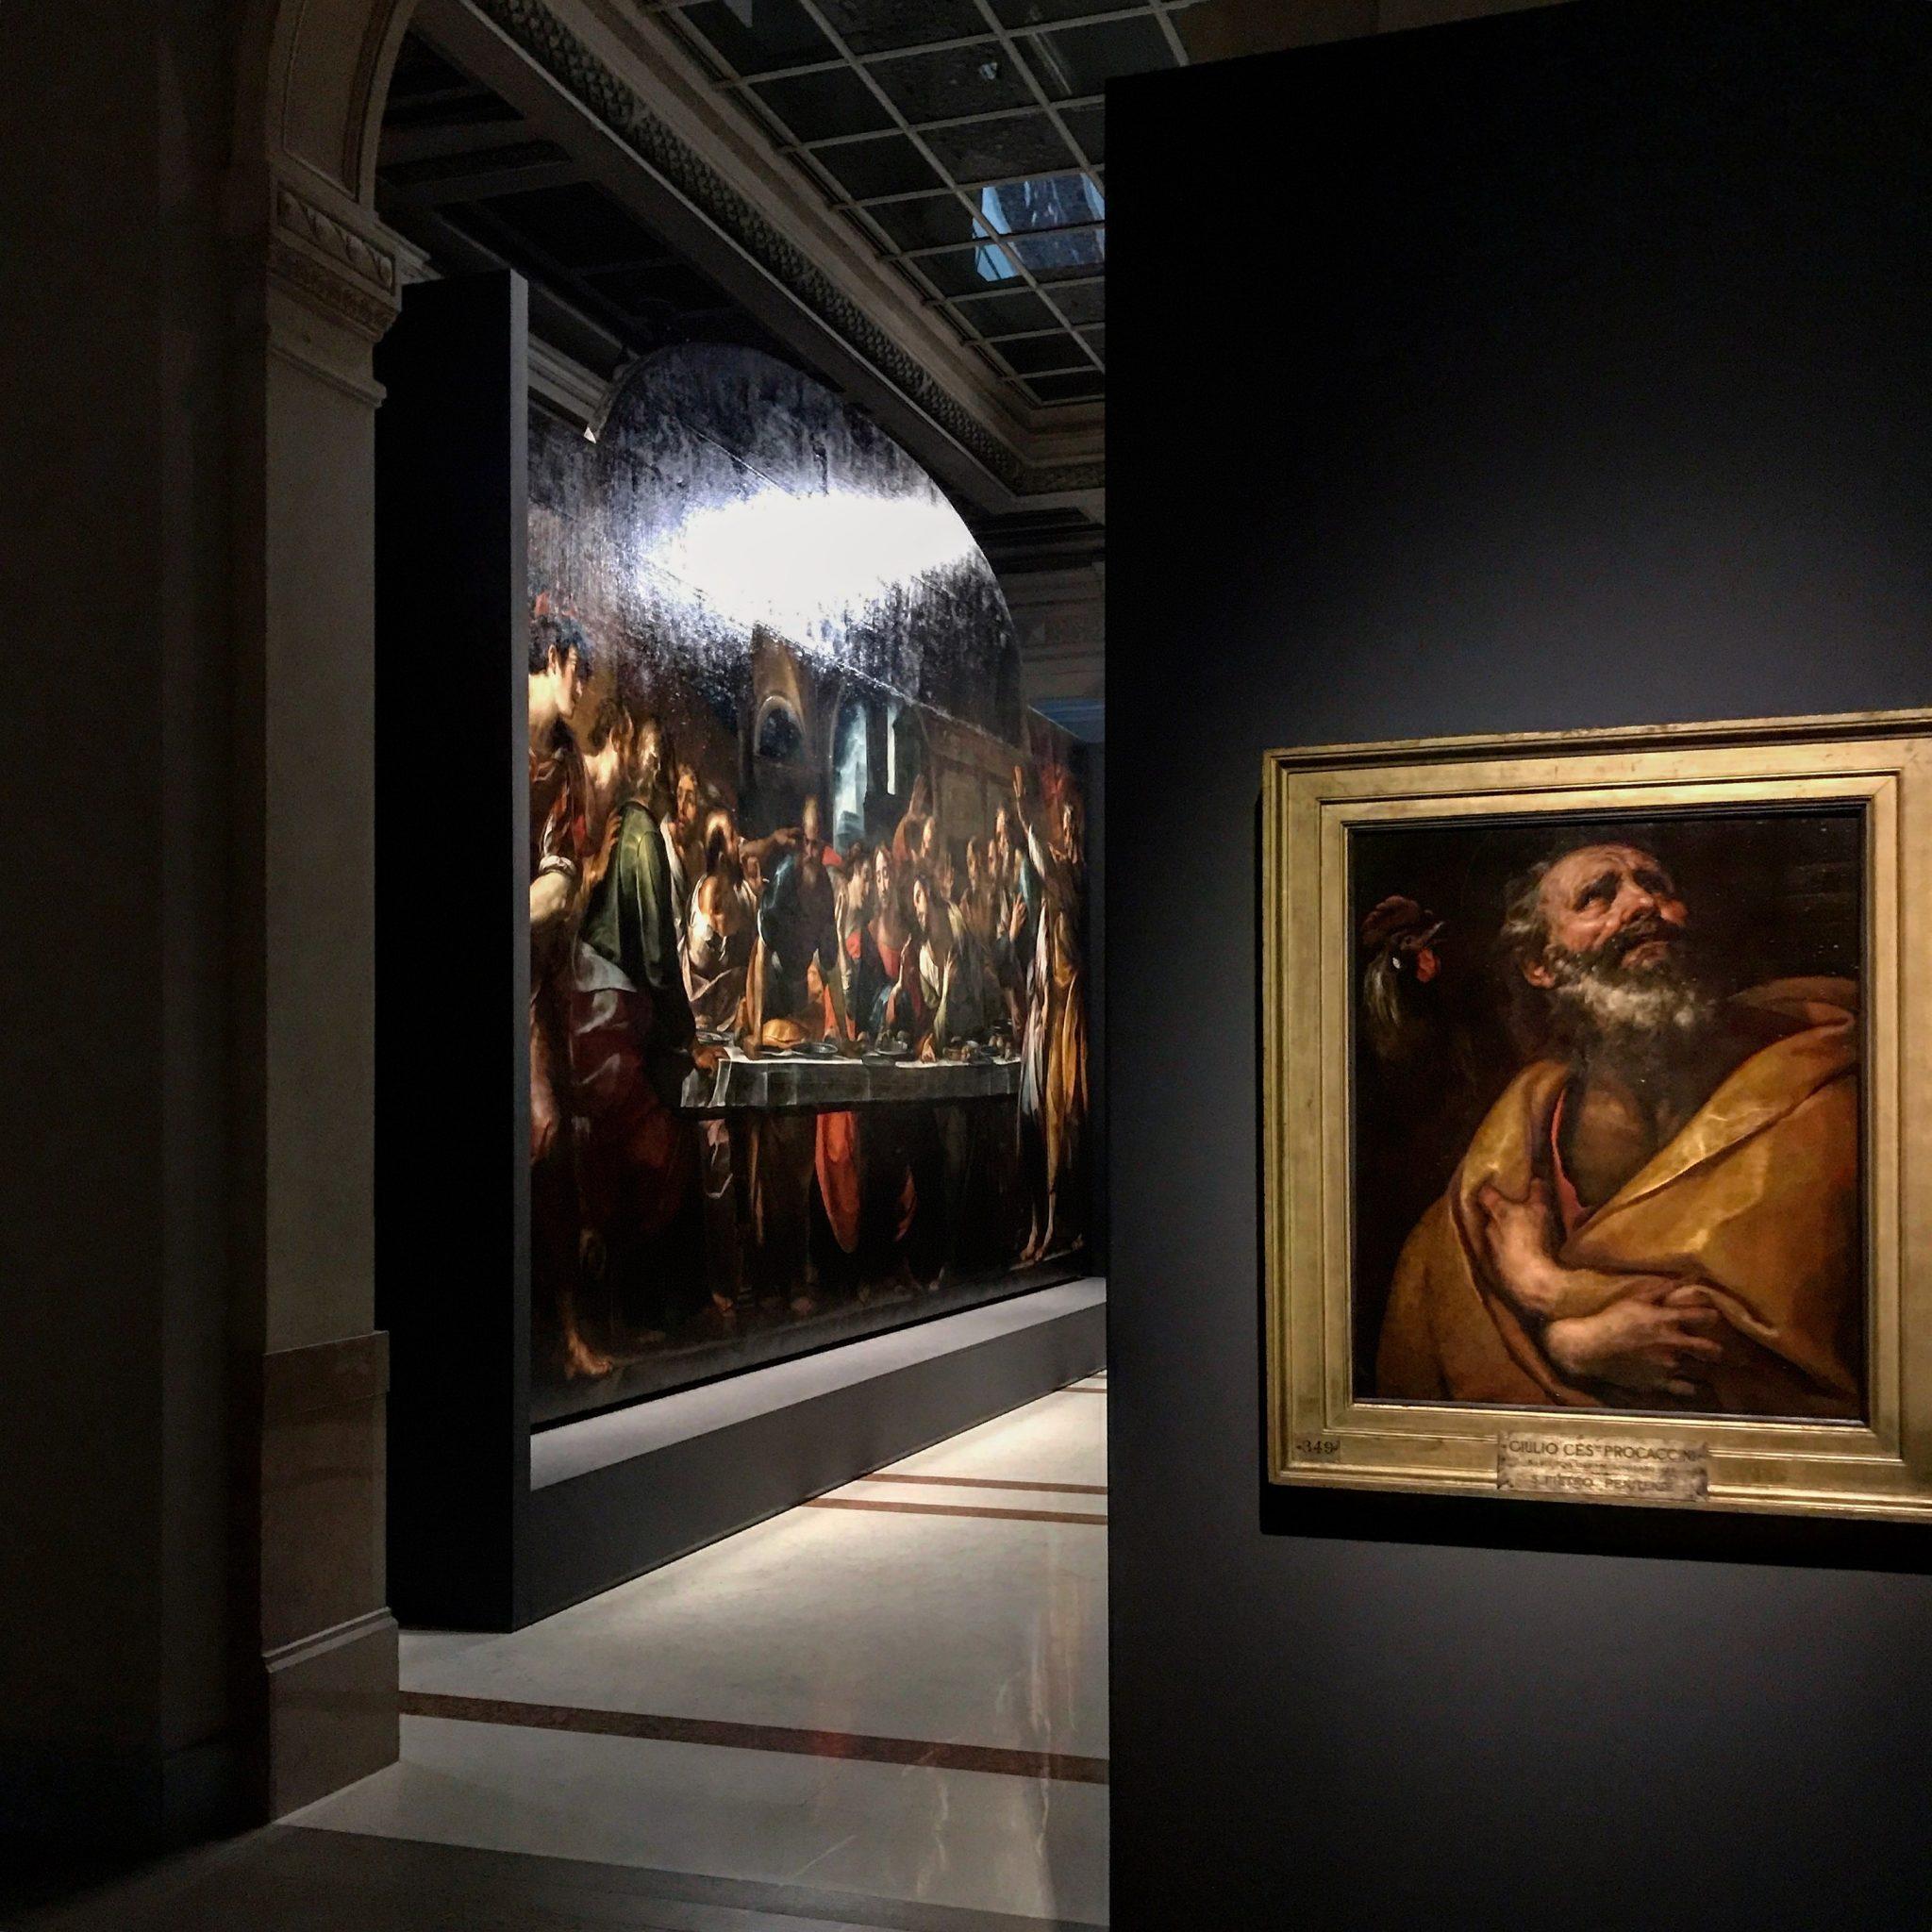 l'ultimo caravaggio tra le mostre milano dicembre